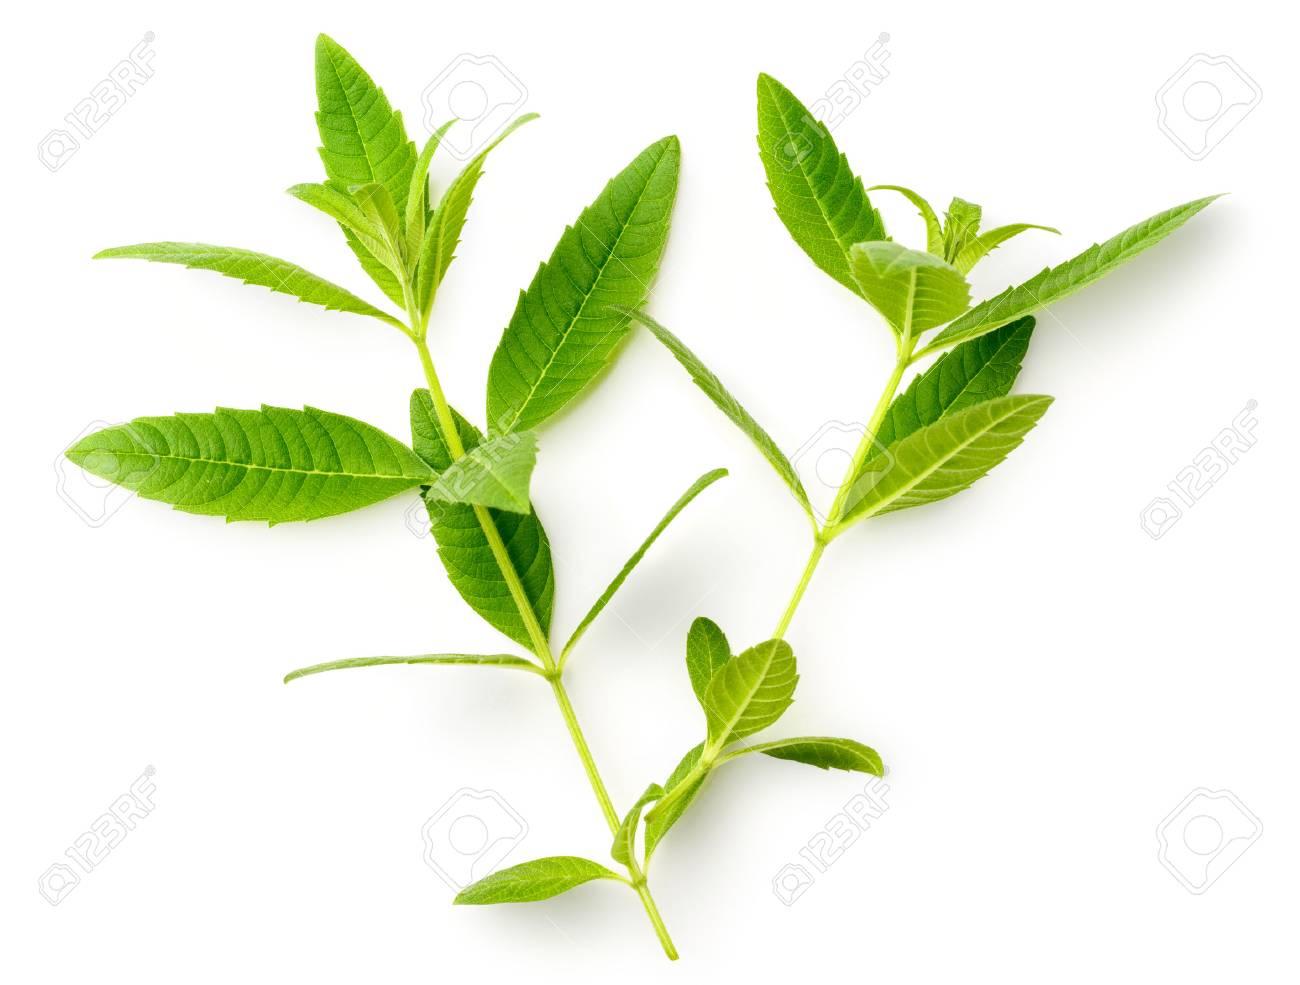 fresh lemon verbena leaves isolated on white - 93689544